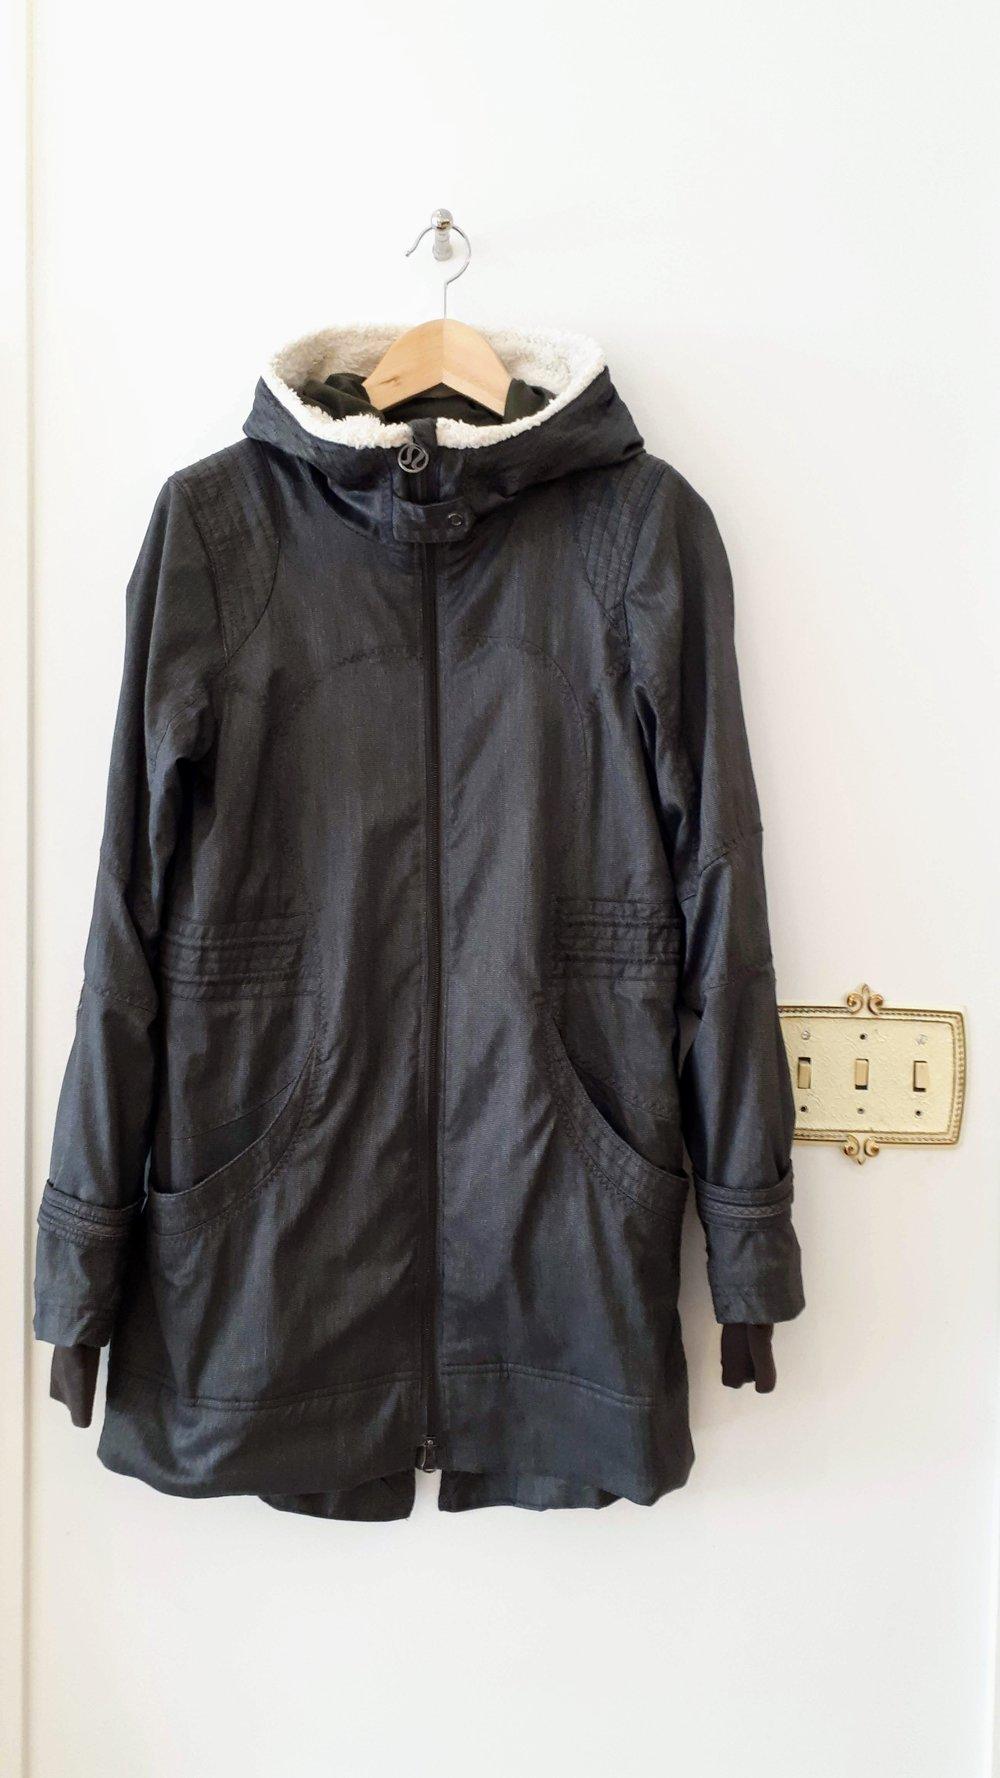 Lululemon coat; Size S, $89